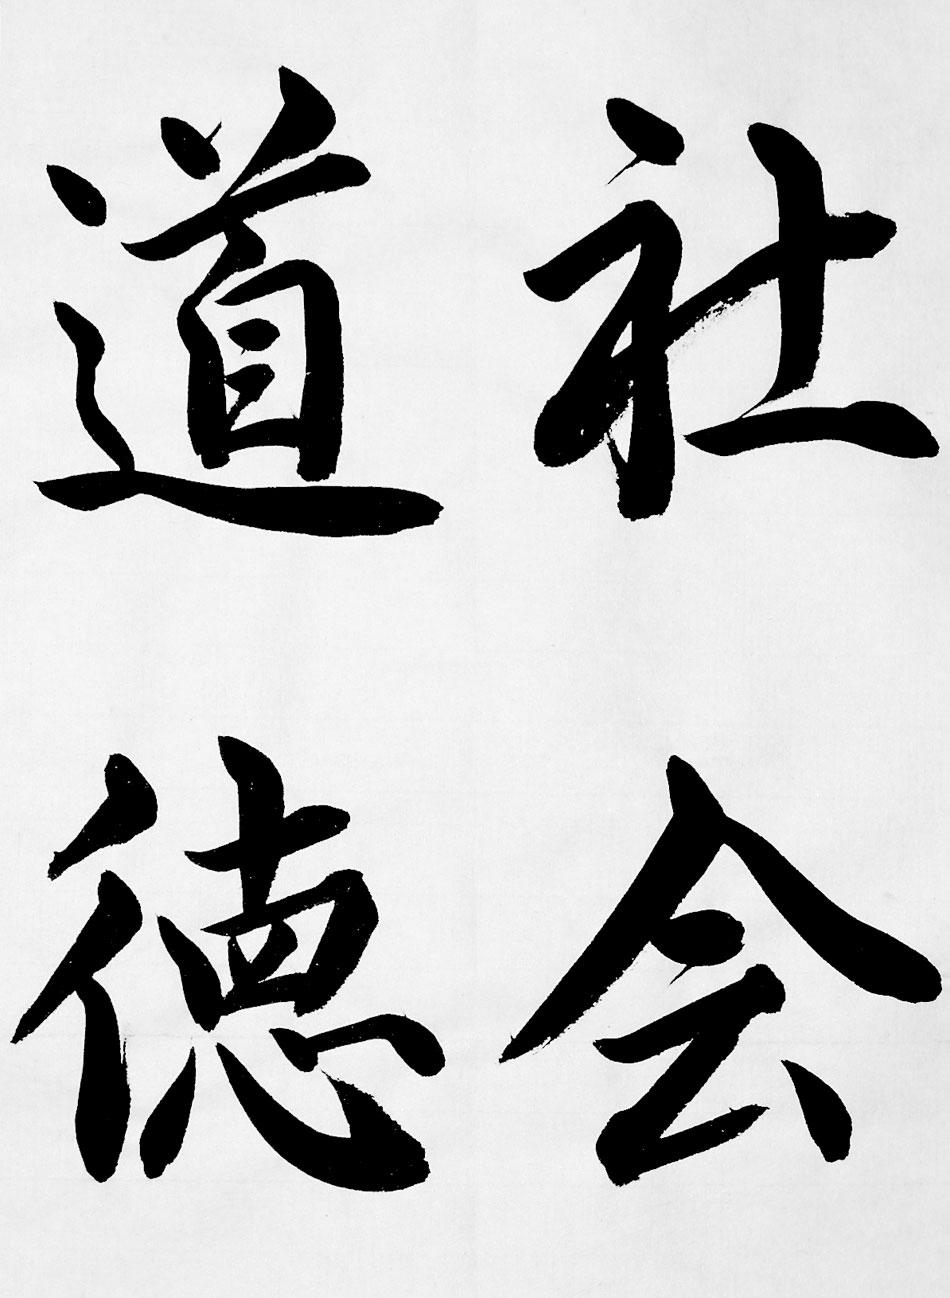 漢字 漢字3年 : 葛空 書道作品ギャラリー(創作 ...